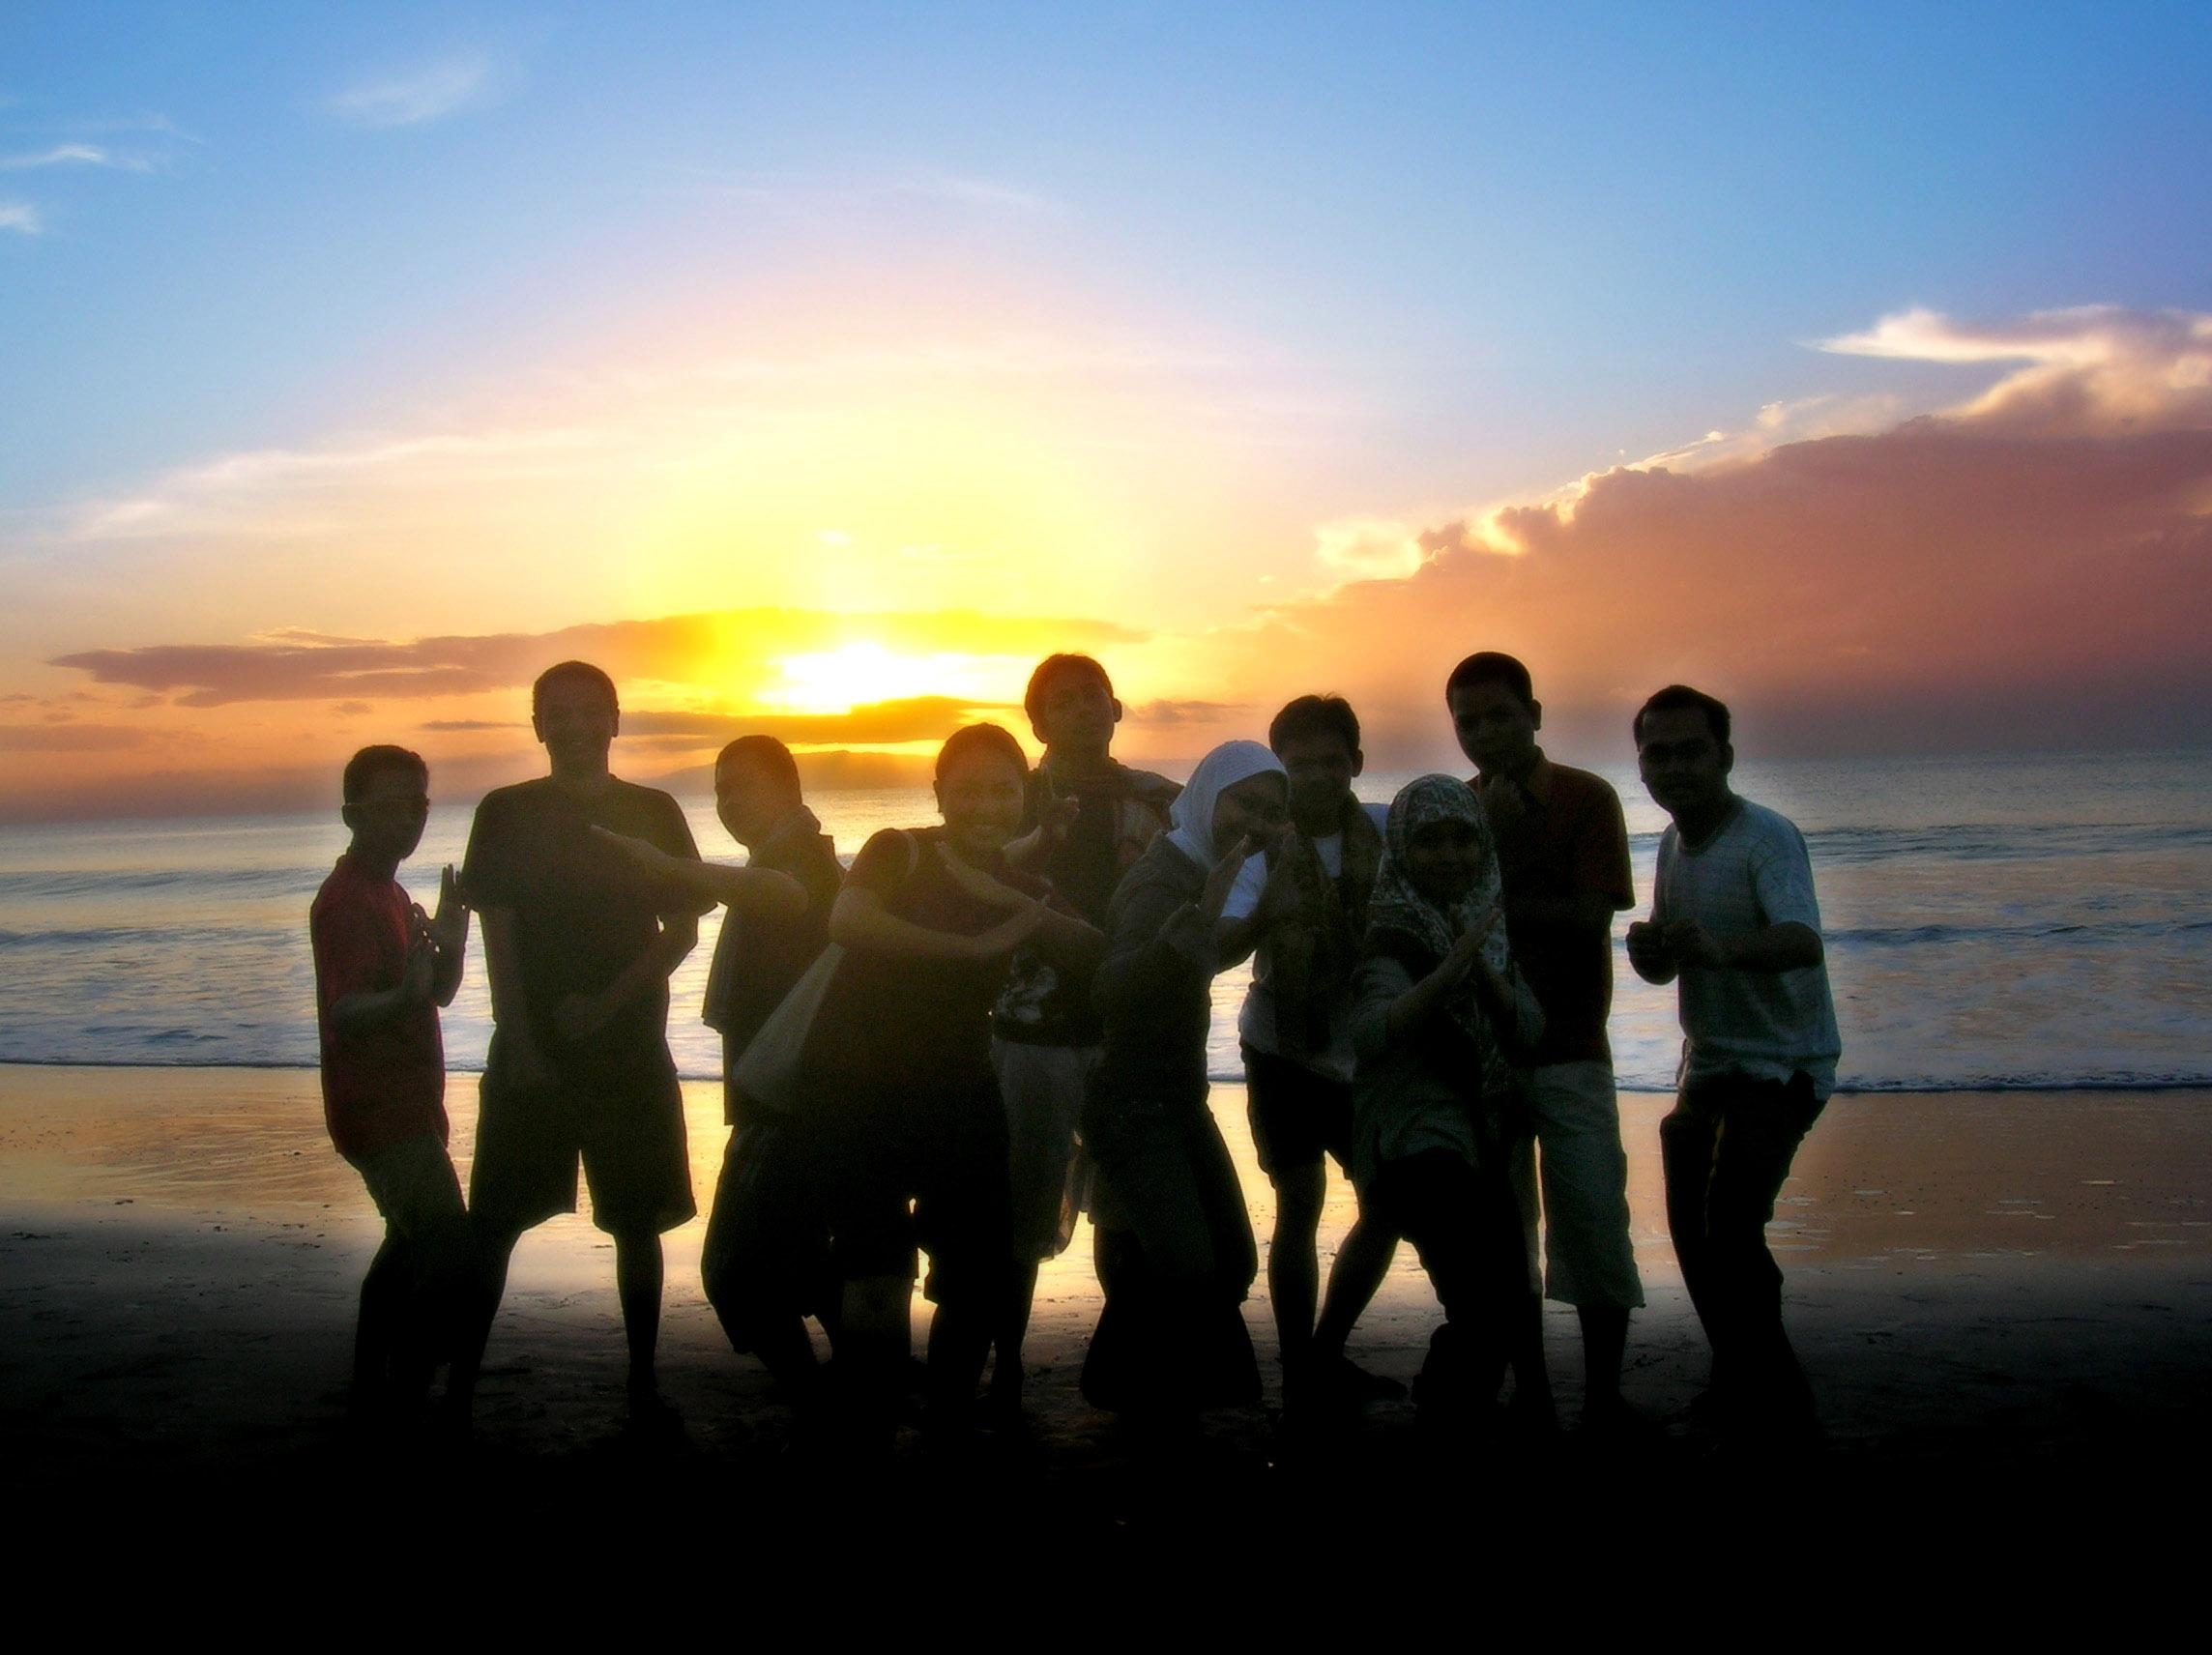 Sunrise group photo